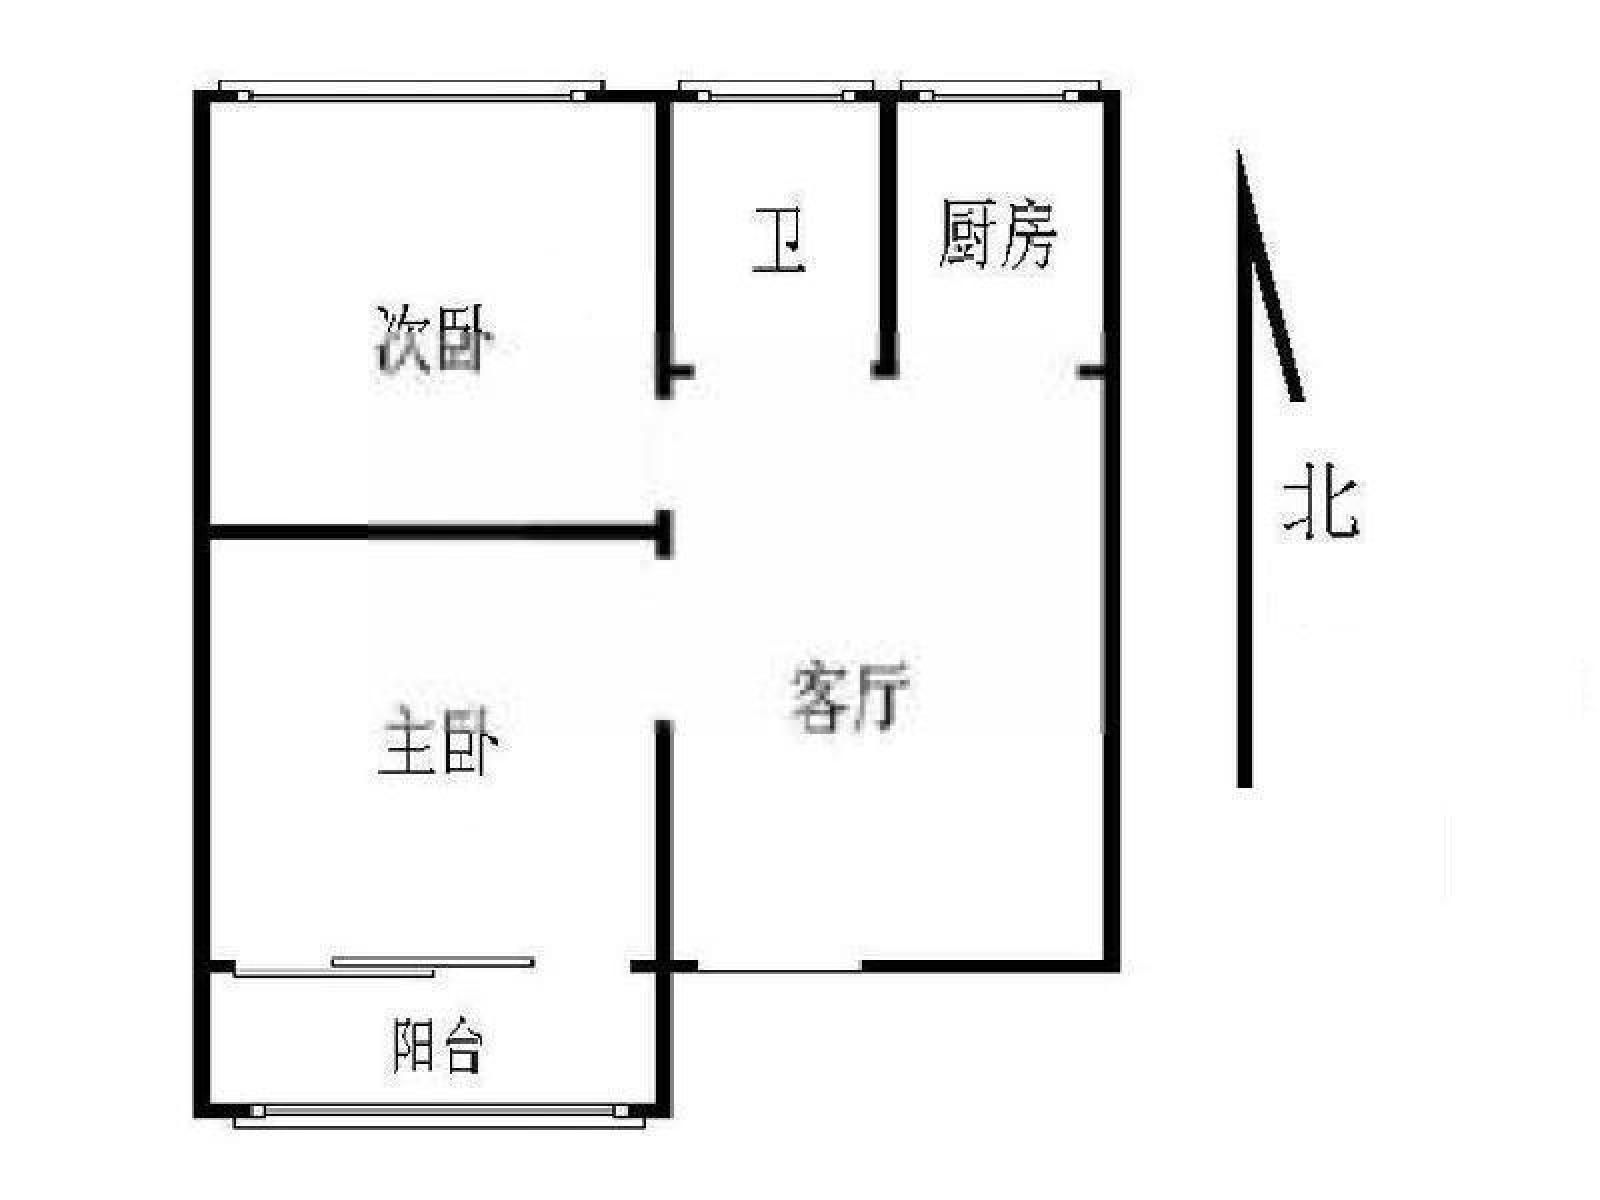 48平方米房屋平面图